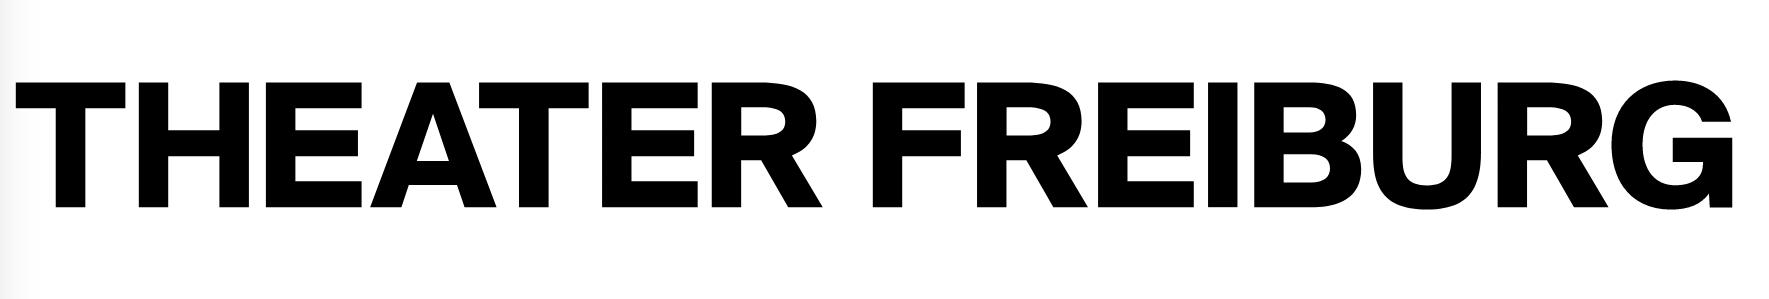 Theater Freiburg-Logo